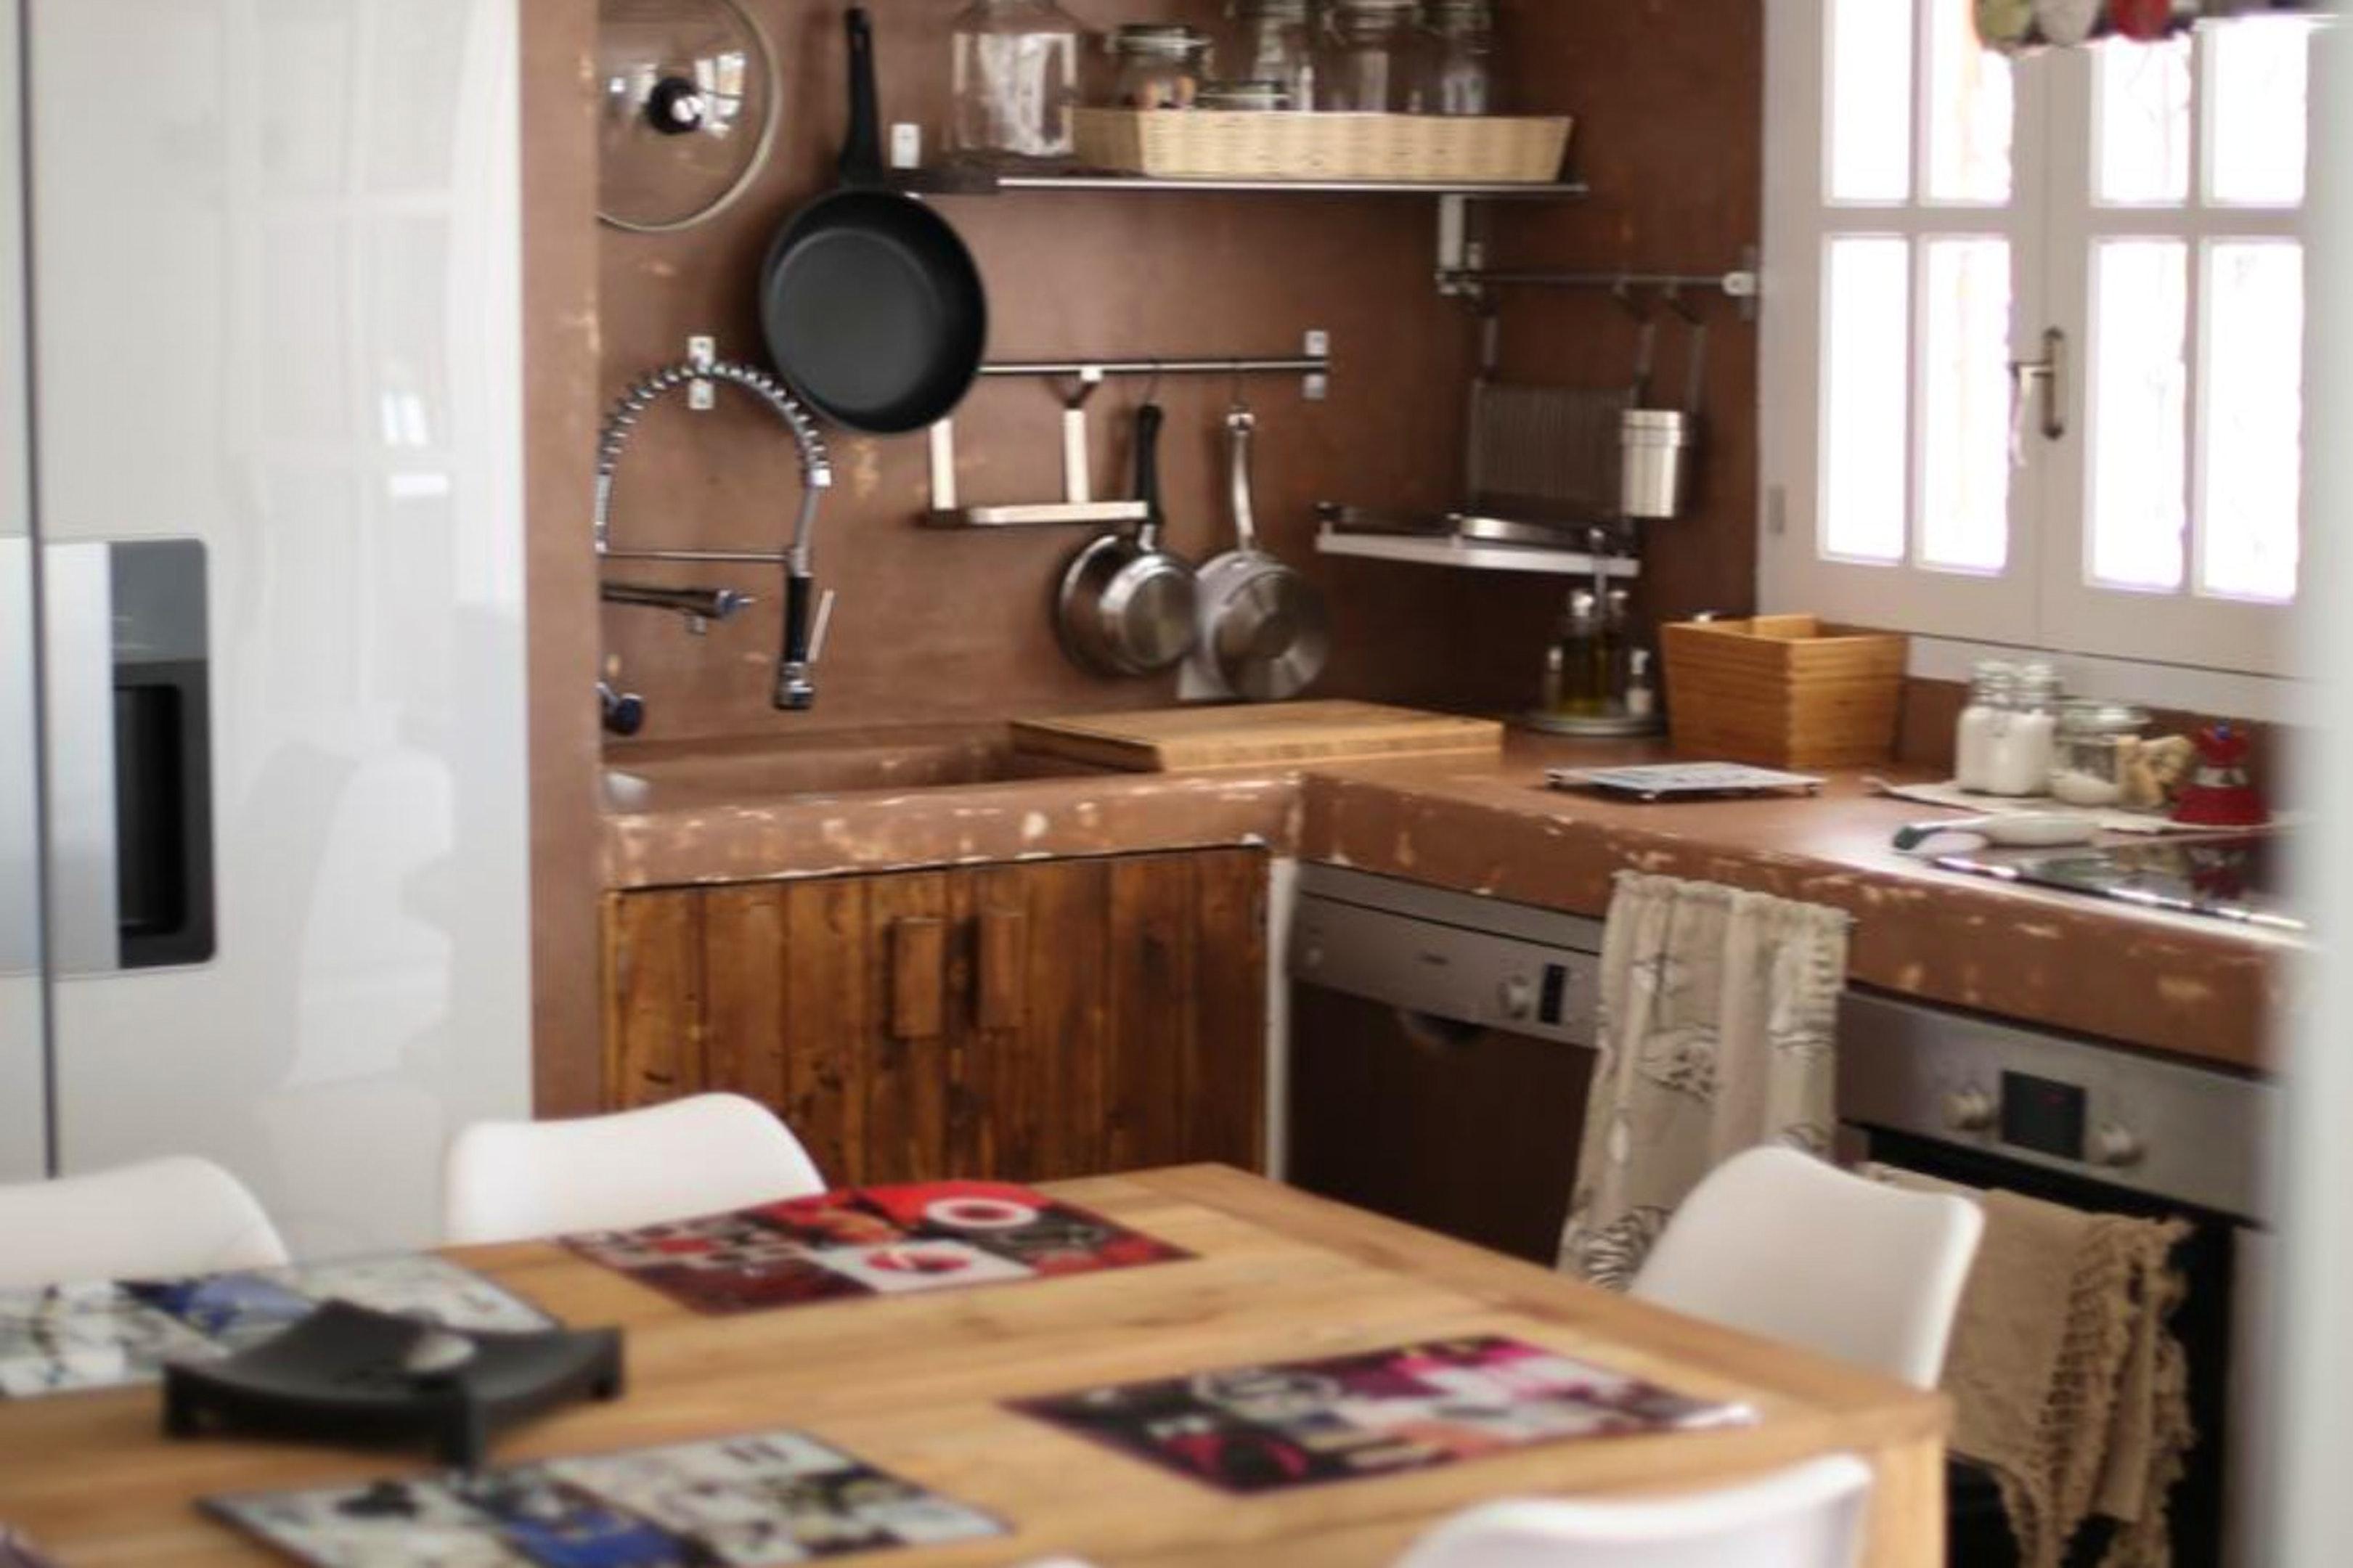 Maison de vacances Haus mit 4 Schlafzimmern in Sant Francesc Xavier mit Terrasse und W-LAN (2700592), San Francisco Javier, Formentera, Iles Baléares, Espagne, image 19